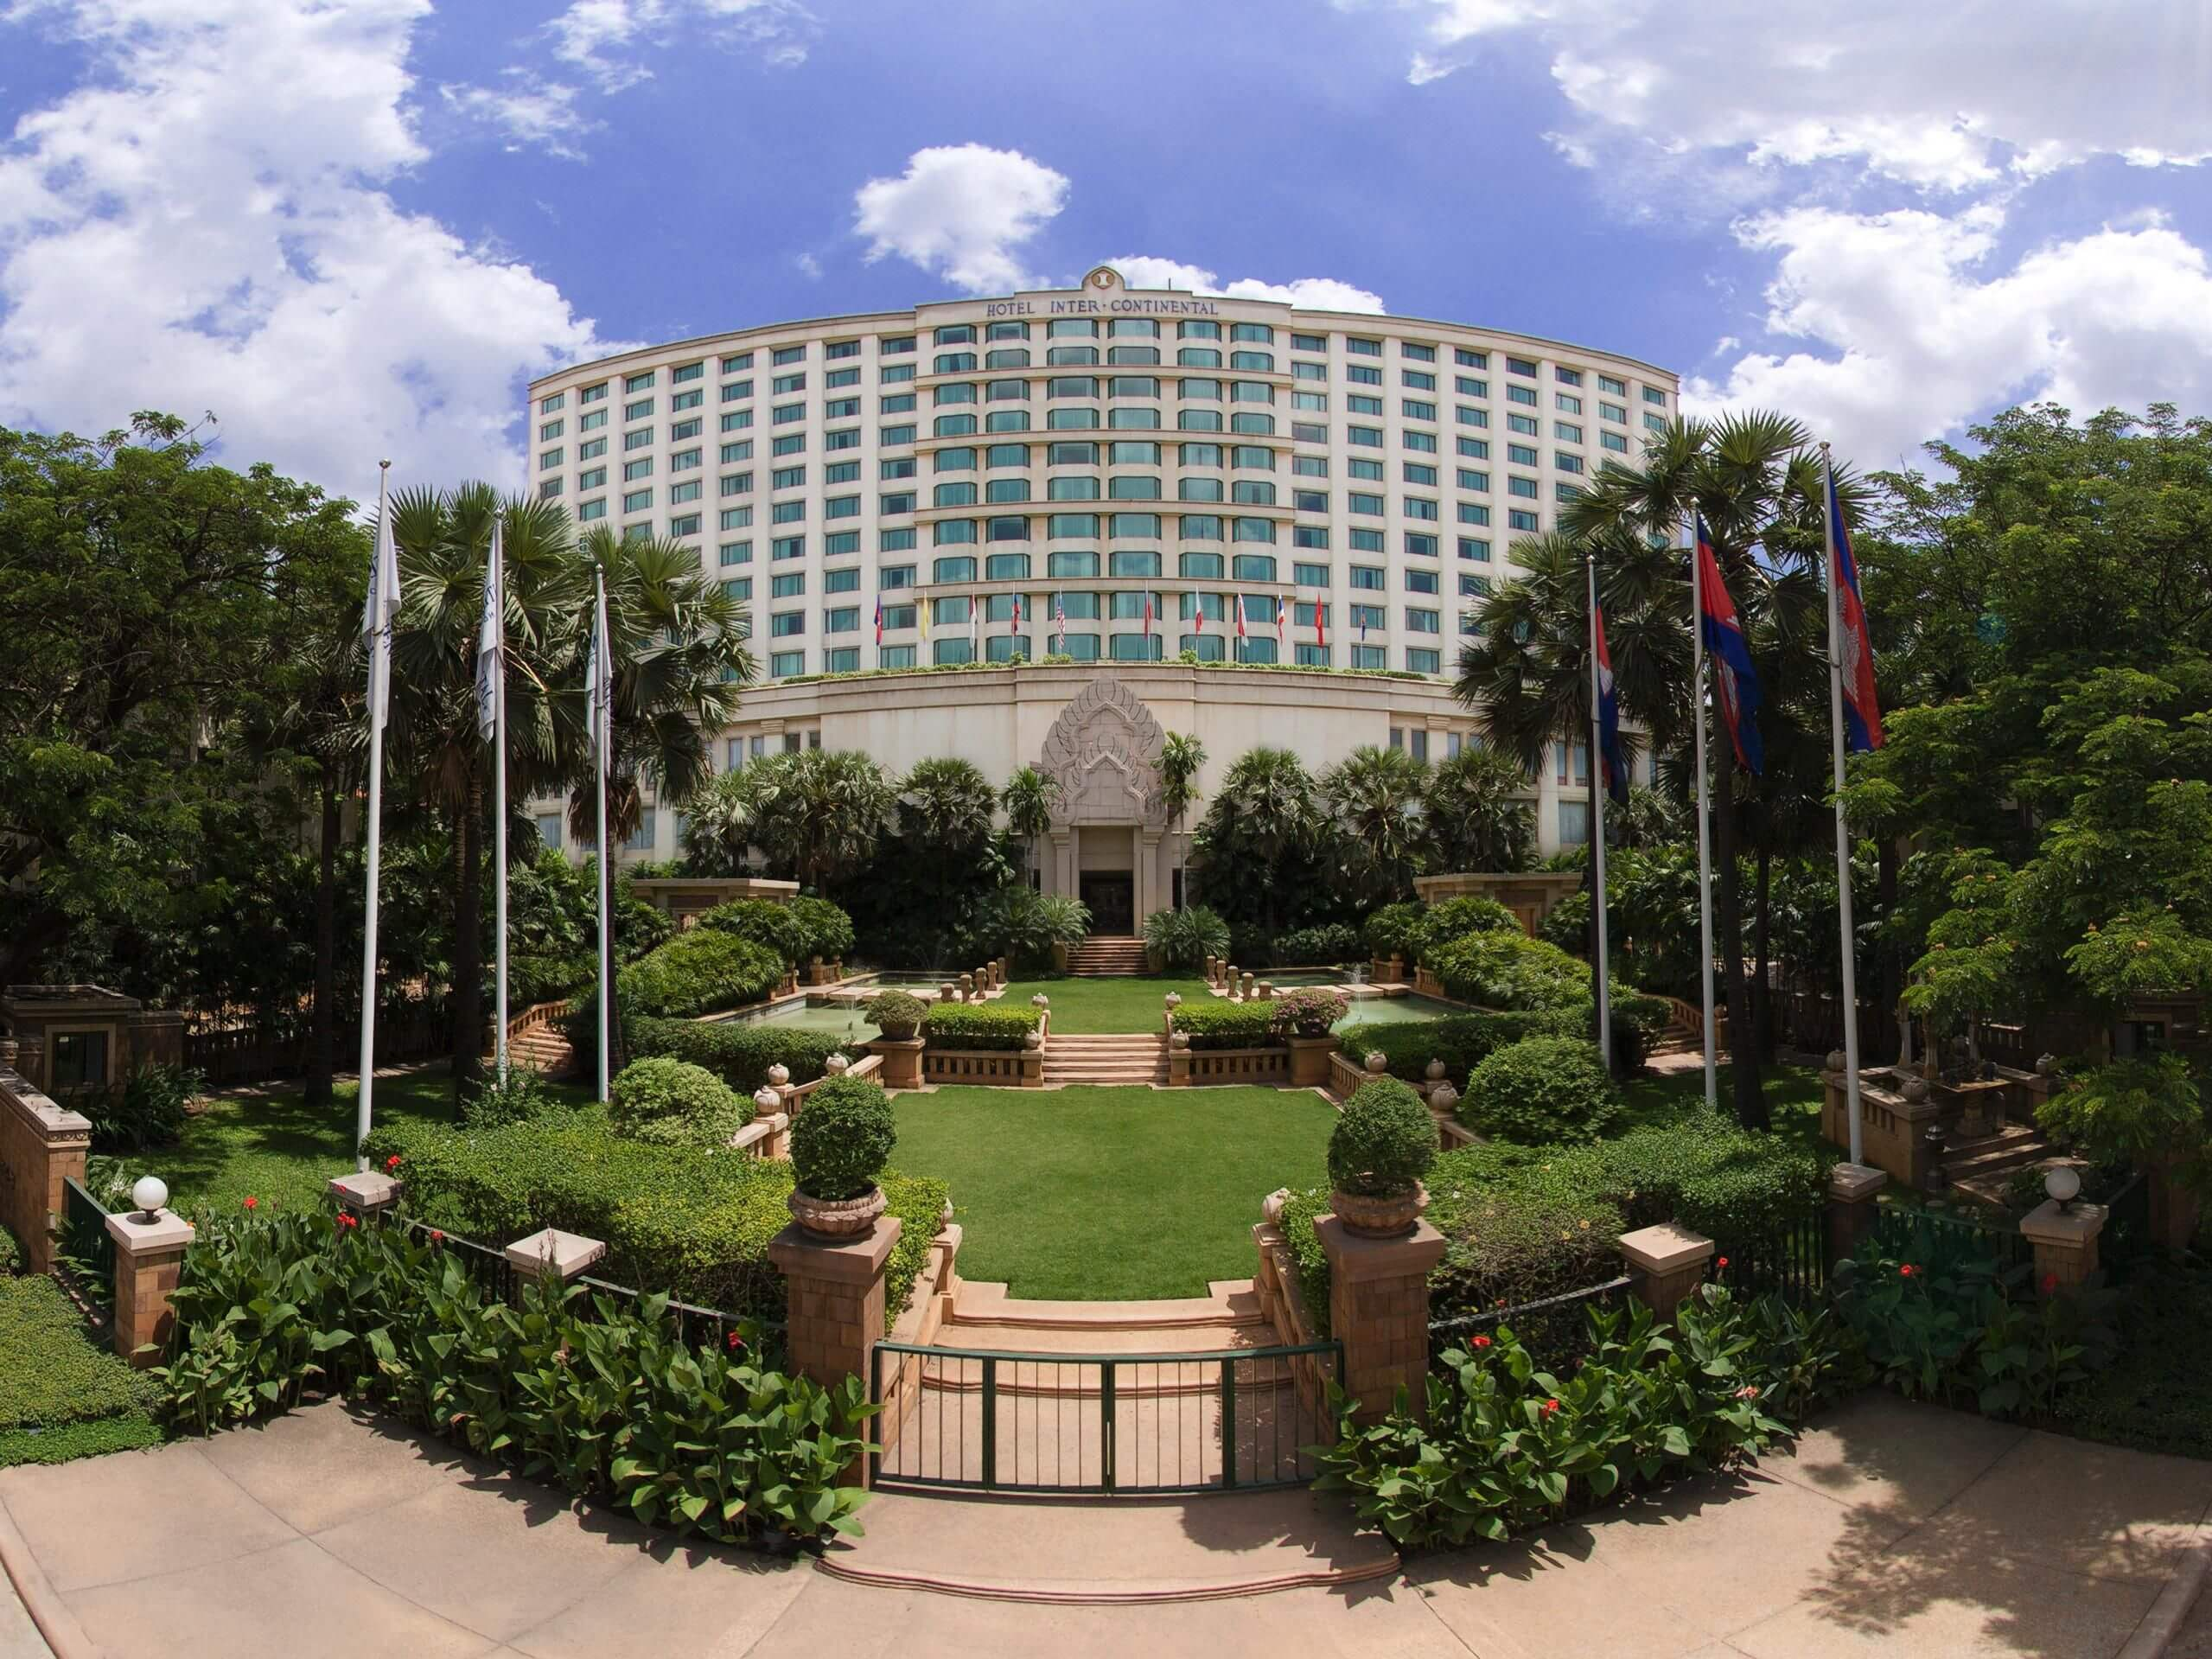 Hotel InterContinental Phnom Penh